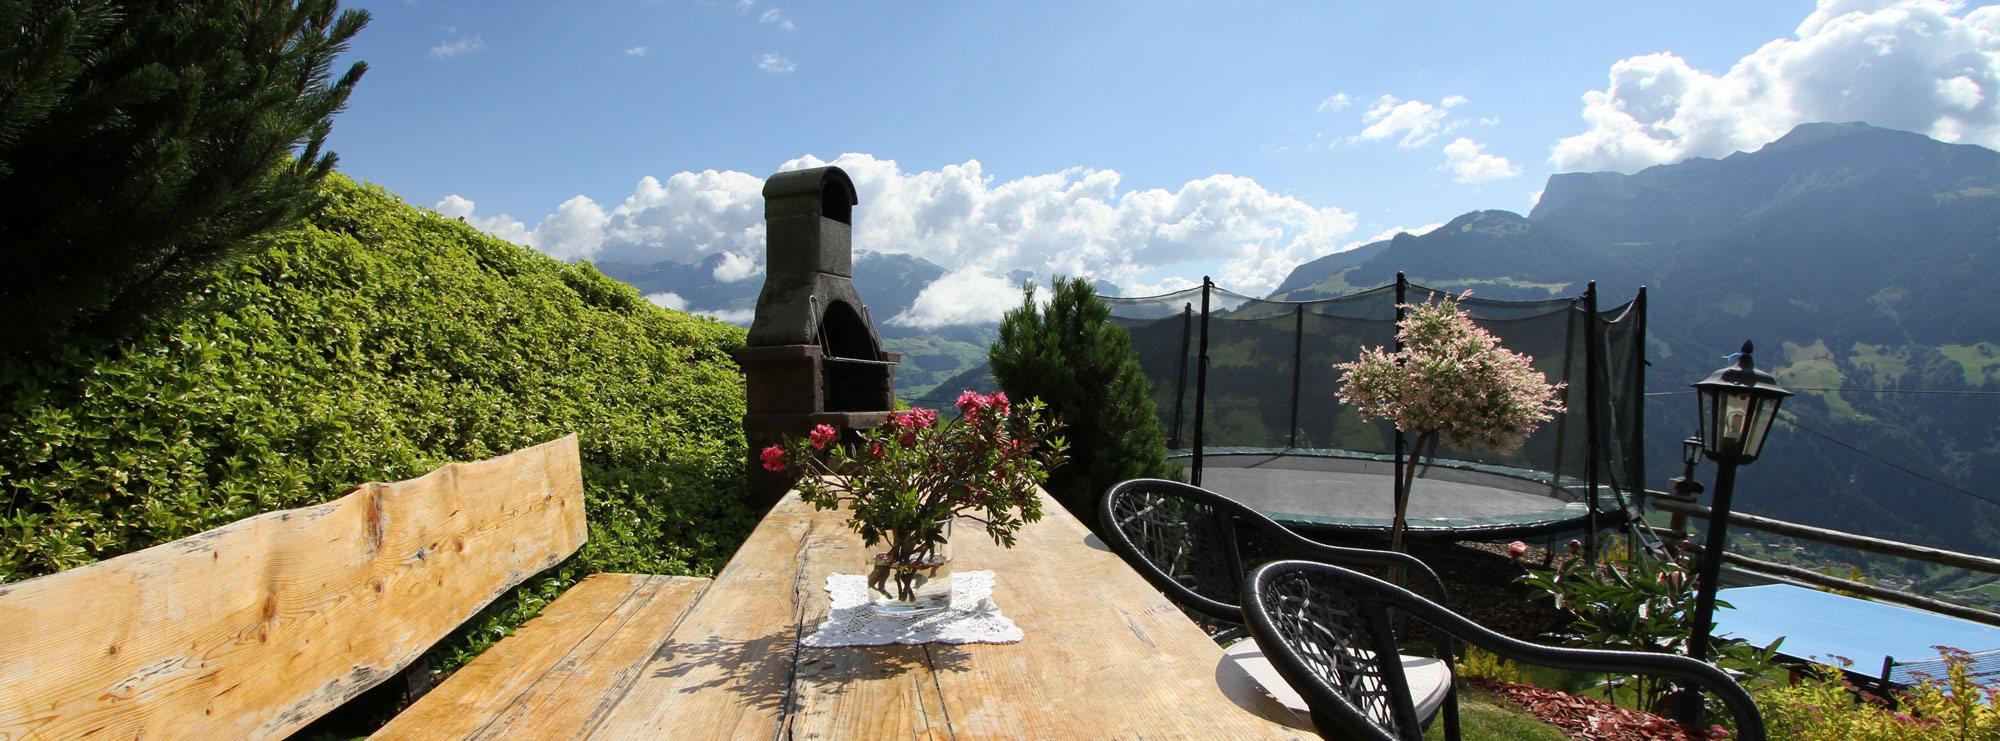 Ferienwohnung mit Grillplatz am Berg Grillen am Berg - Urlaub pur!